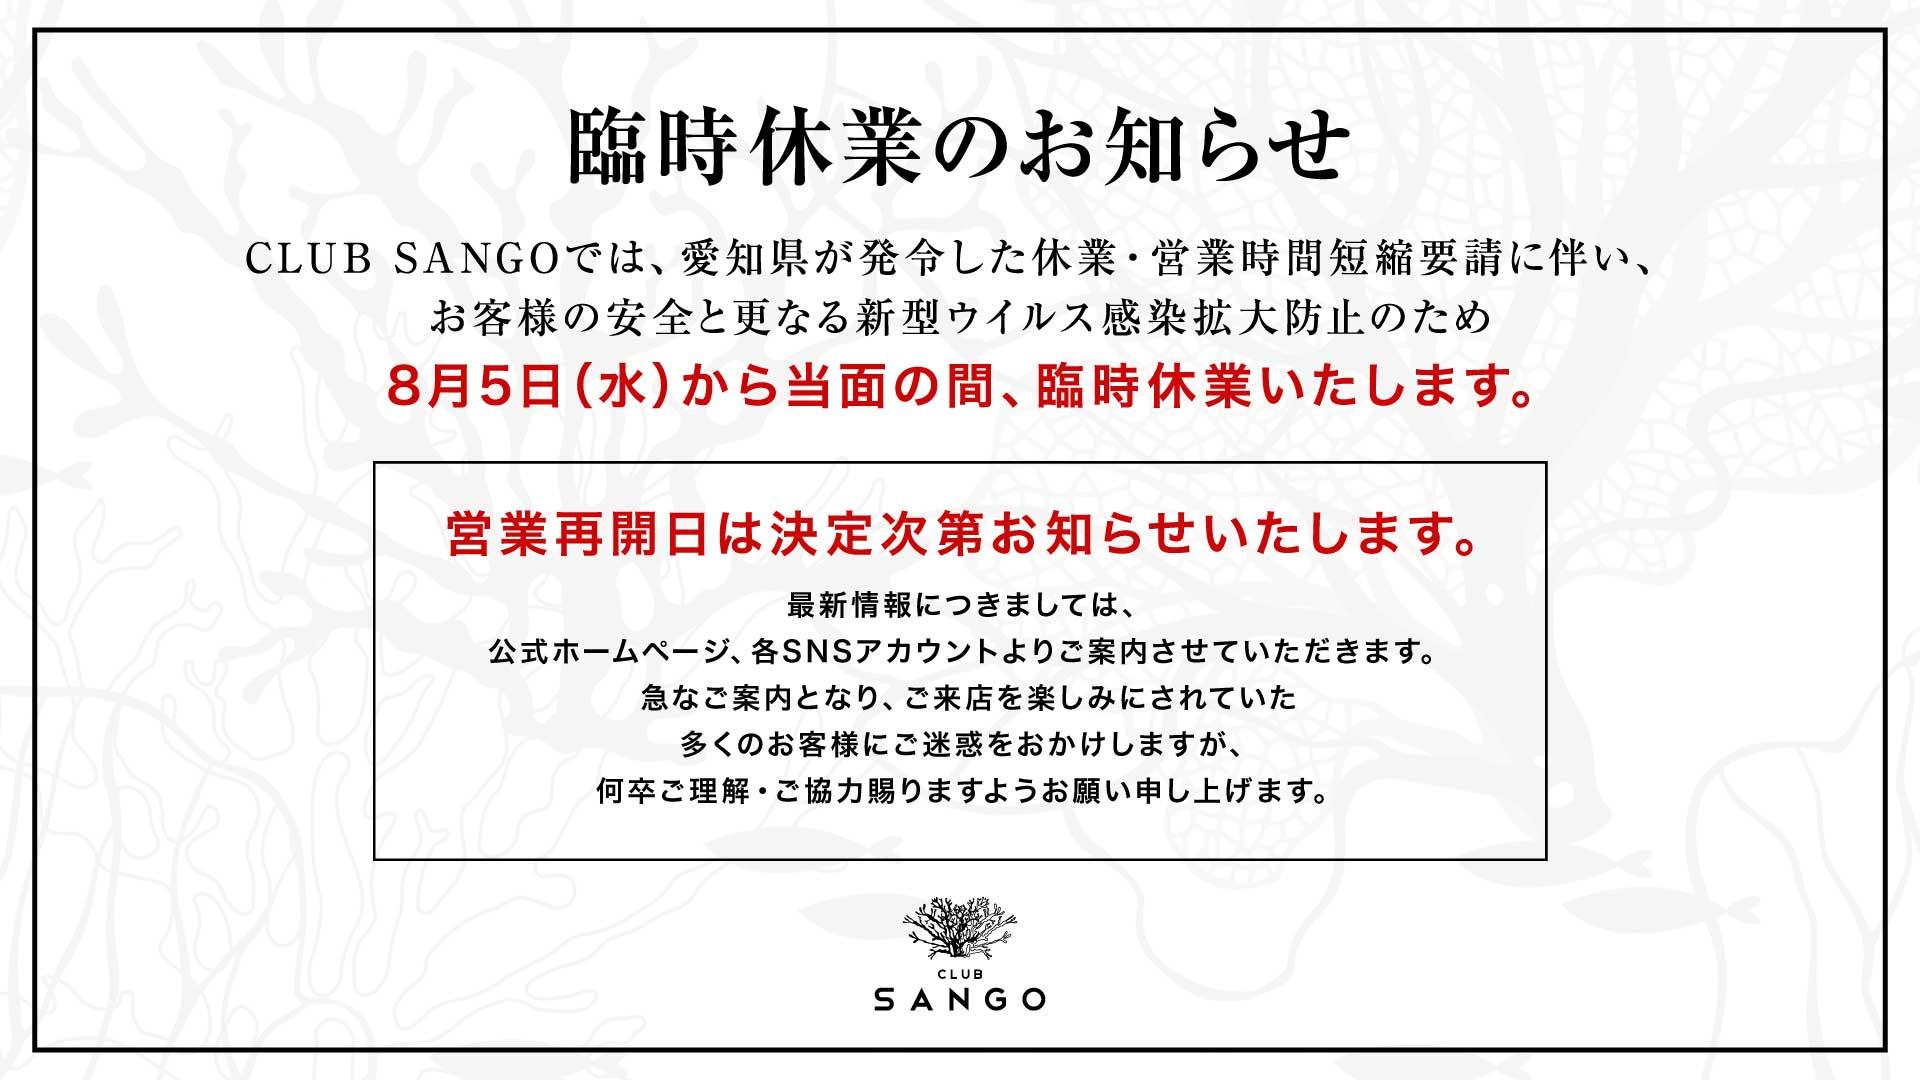 8/5(水)より臨時休業のお知らせ